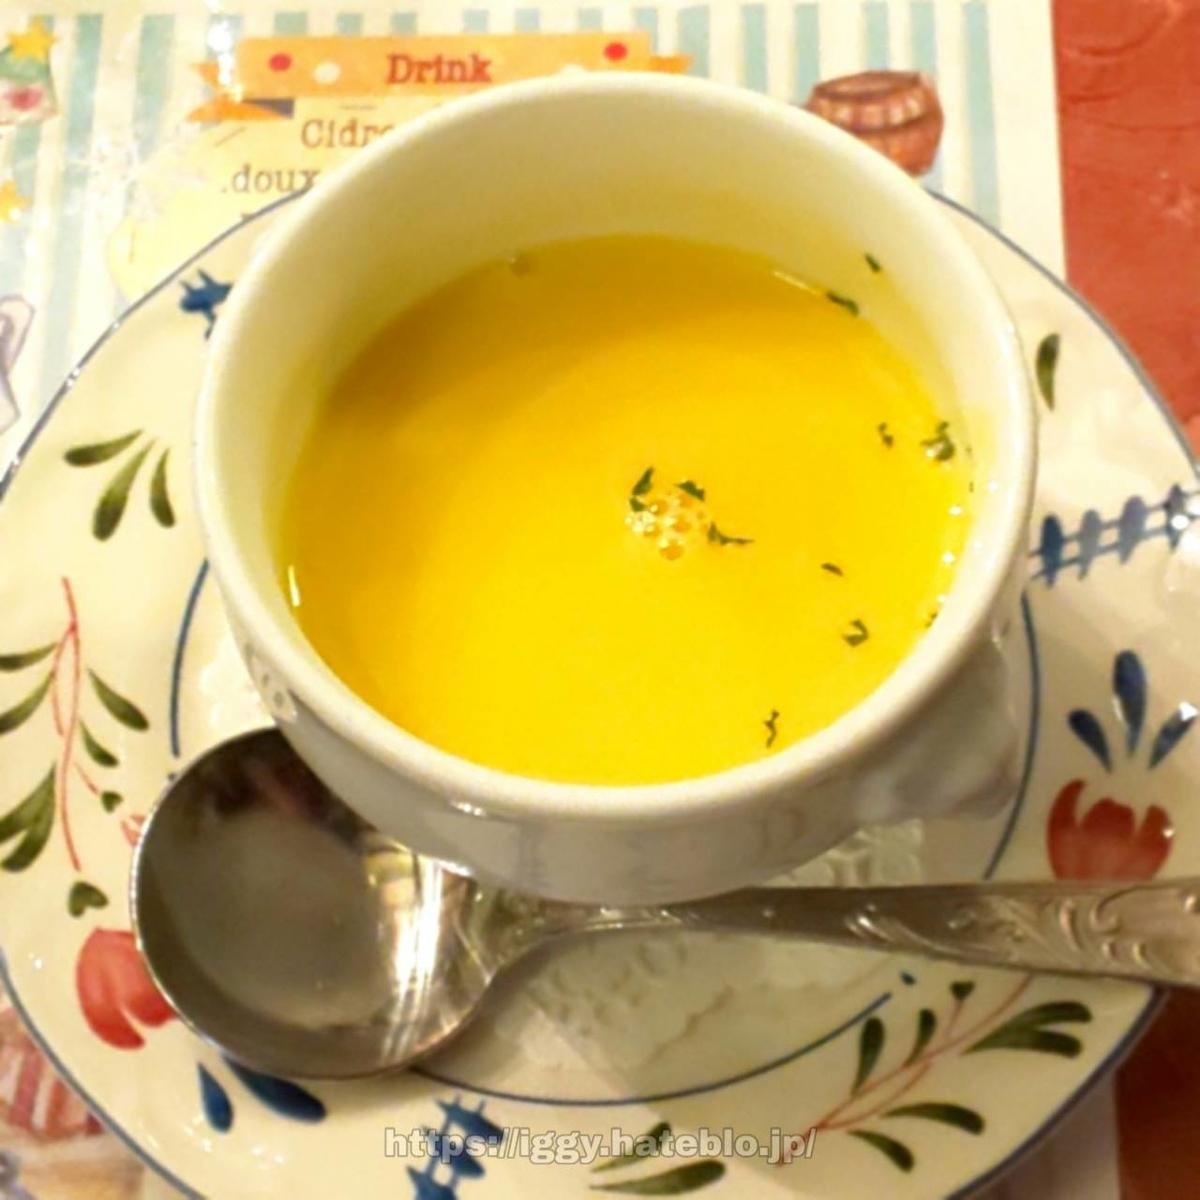 クレープリーアルション スープ iggy2019